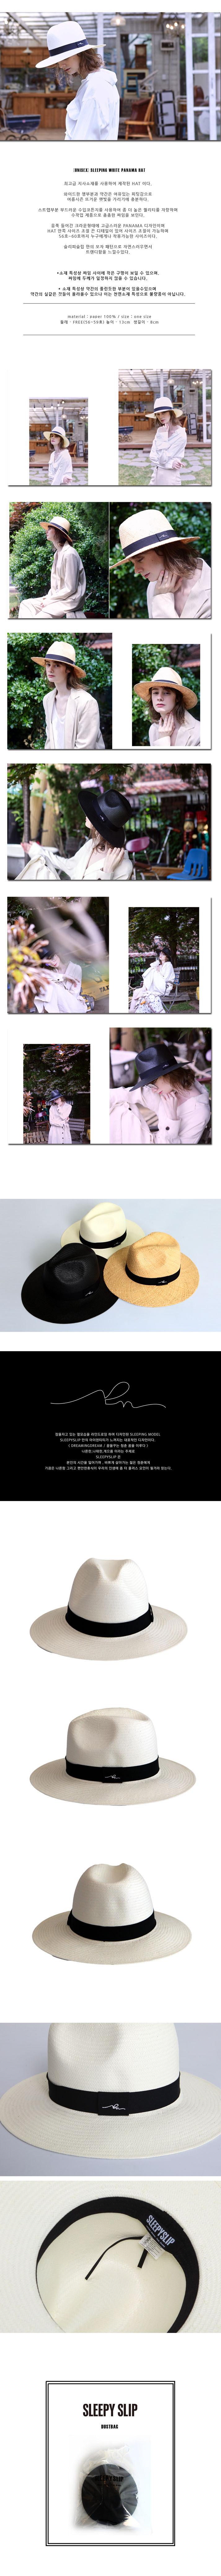 sleeping-white-panama-hat.jpg